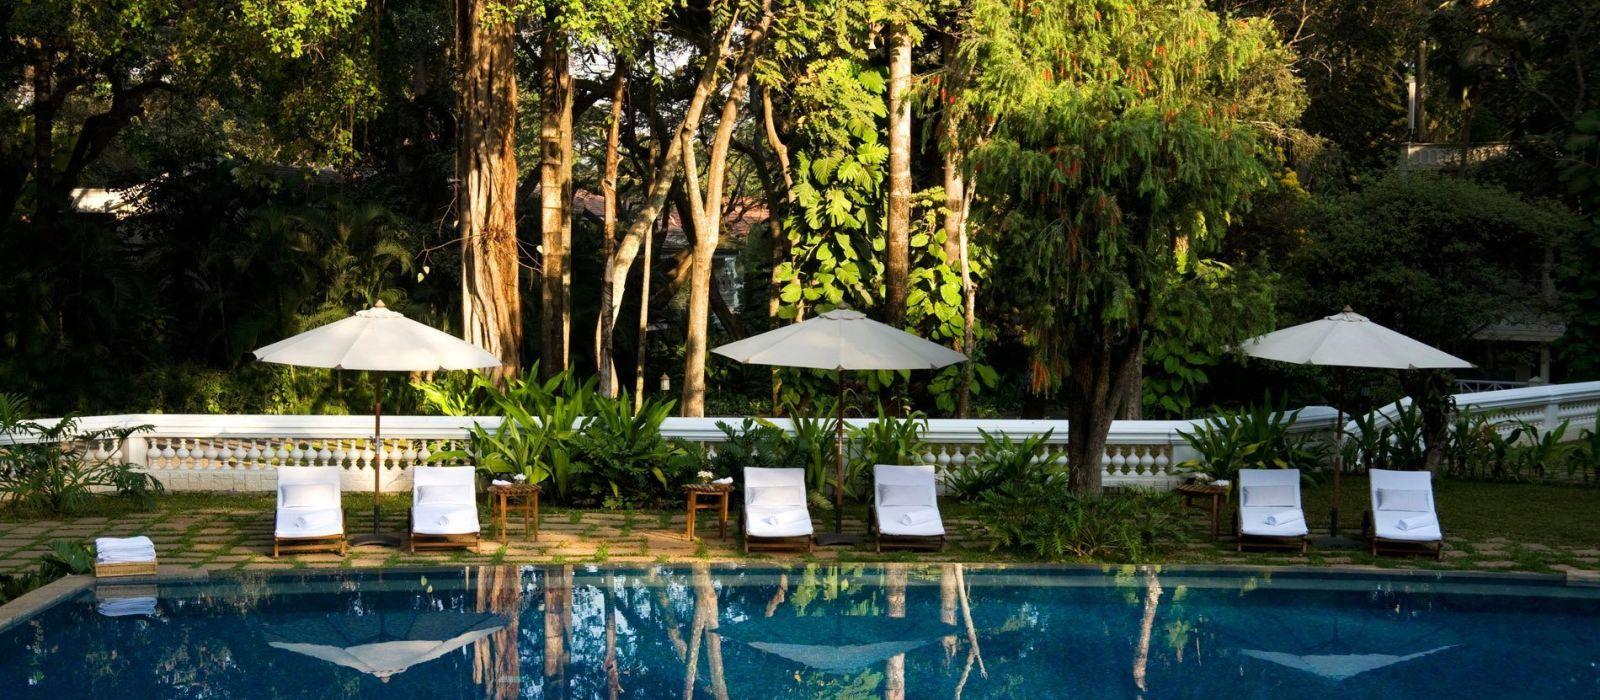 Hotel Taj West End South India